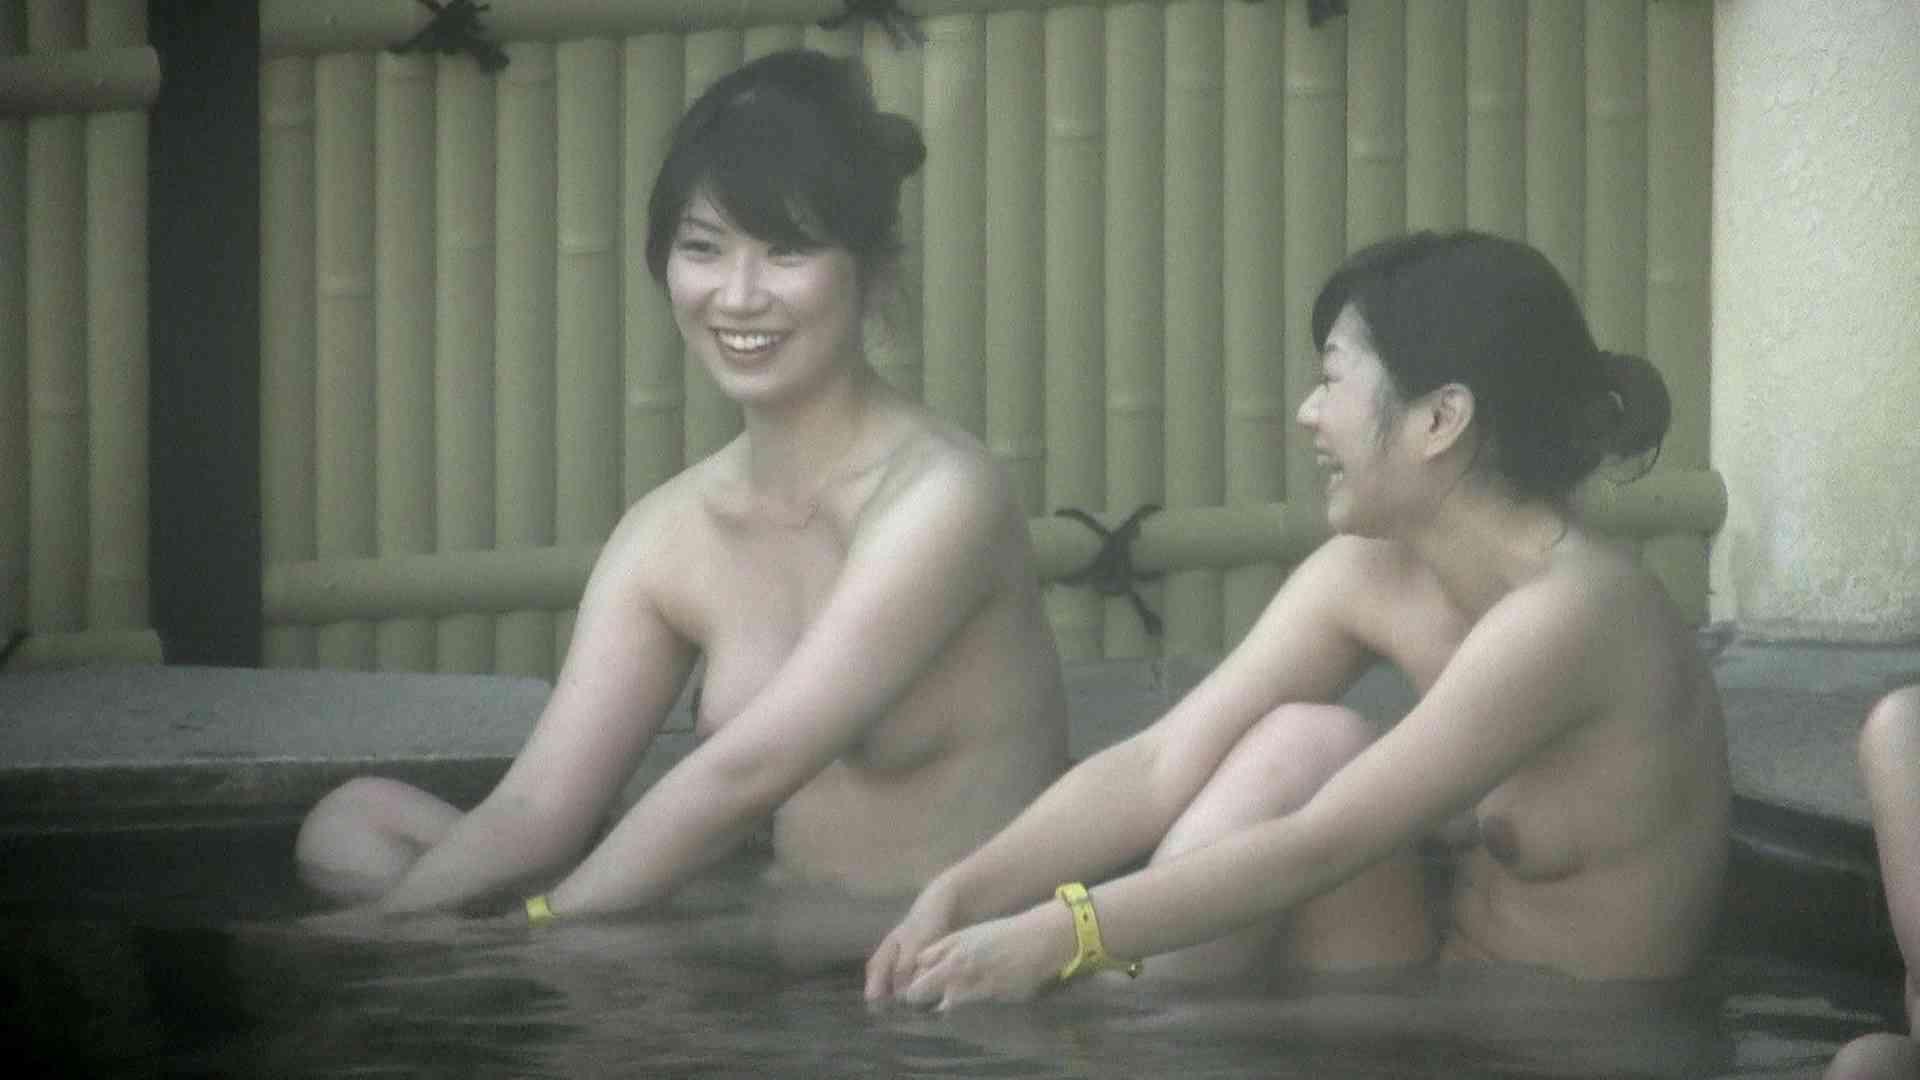 Aquaな露天風呂Vol.206 OLのエロ生活  87連発 6